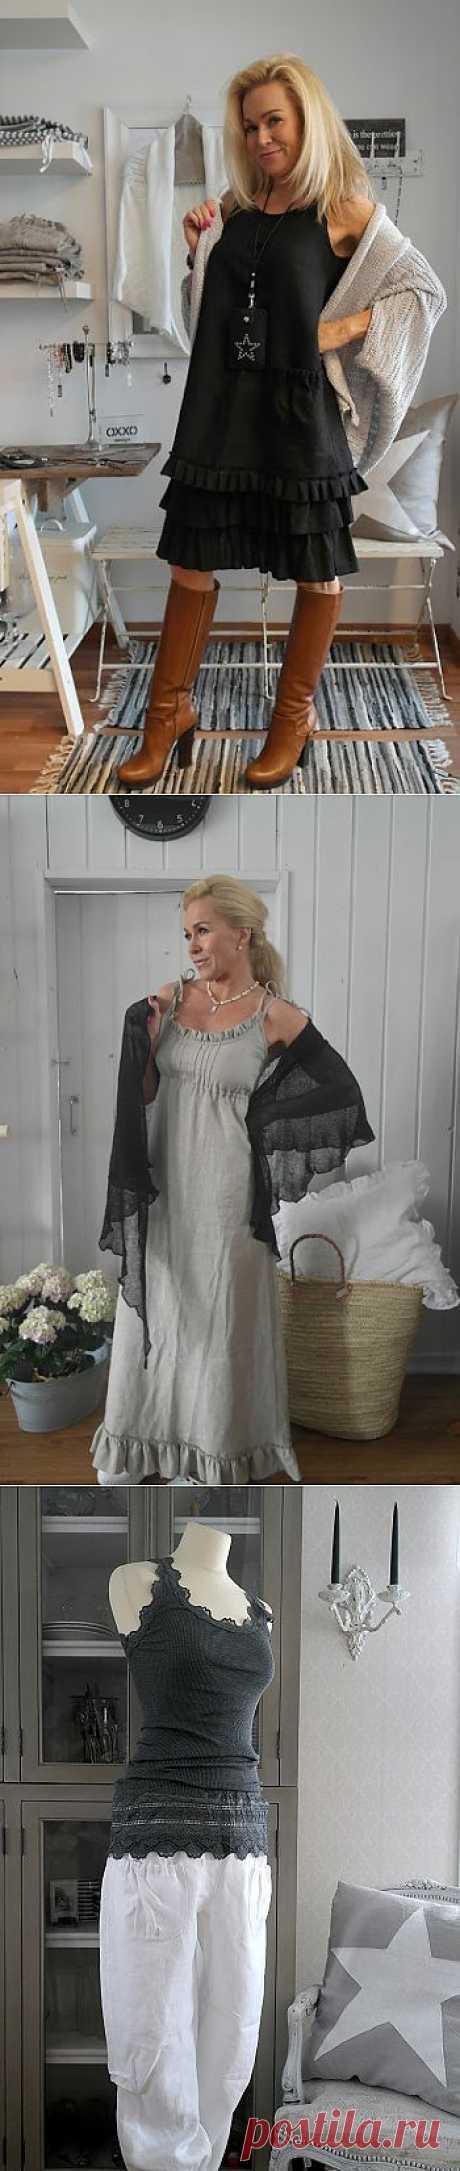 льняная одежда в стиле бохо от Olen Pia Erlund. Отличные идеи..